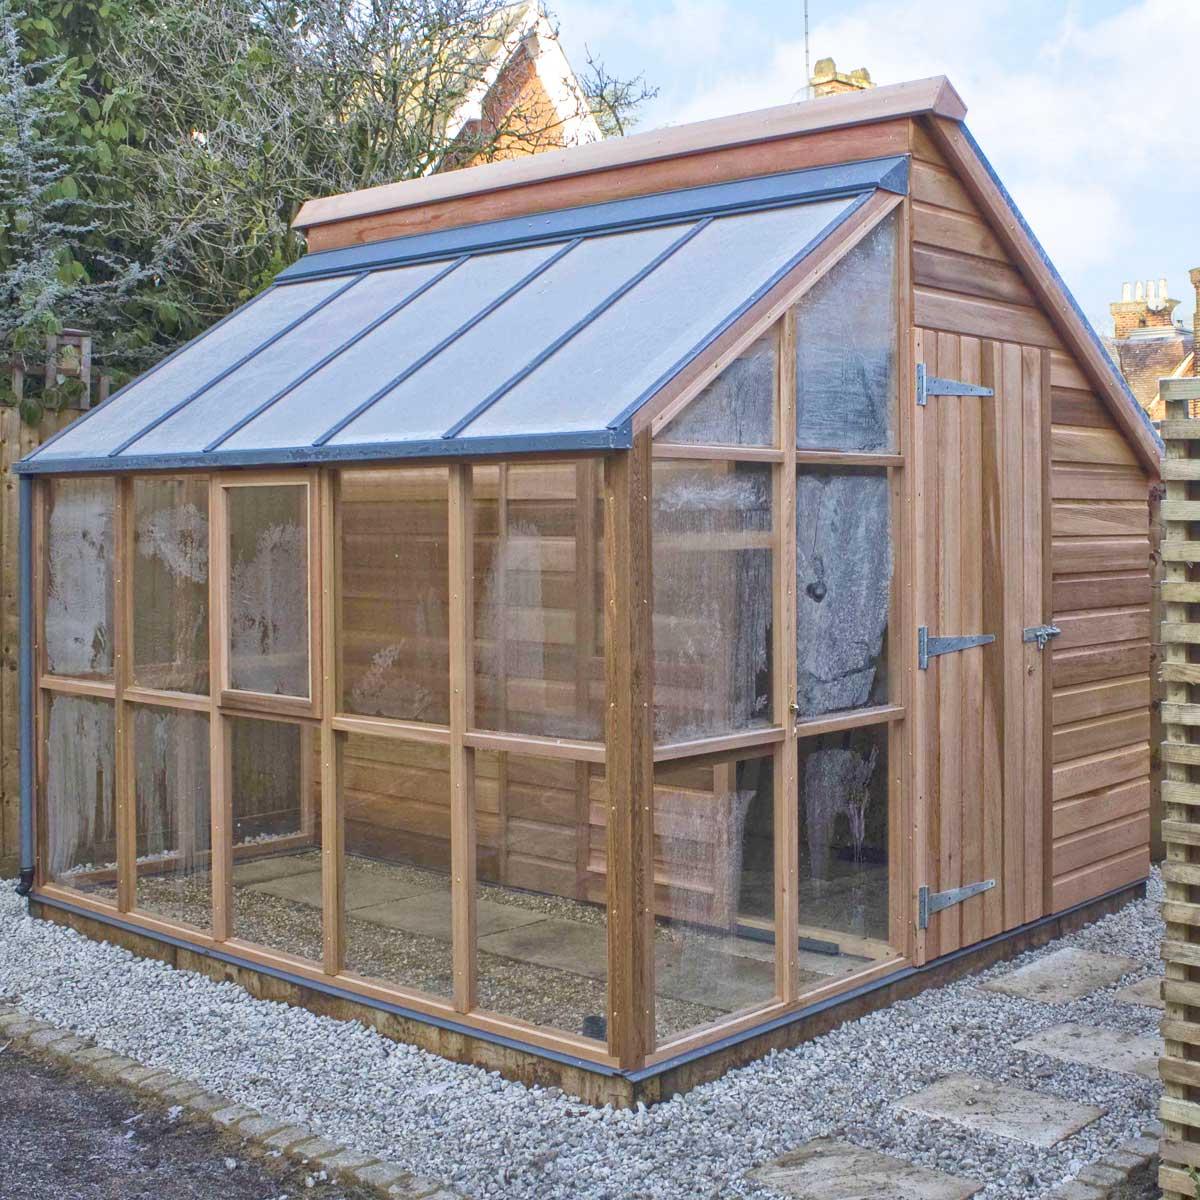 serre de jardin et abri en c dre 5 panneaux gabriel ash serre jardin. Black Bedroom Furniture Sets. Home Design Ideas